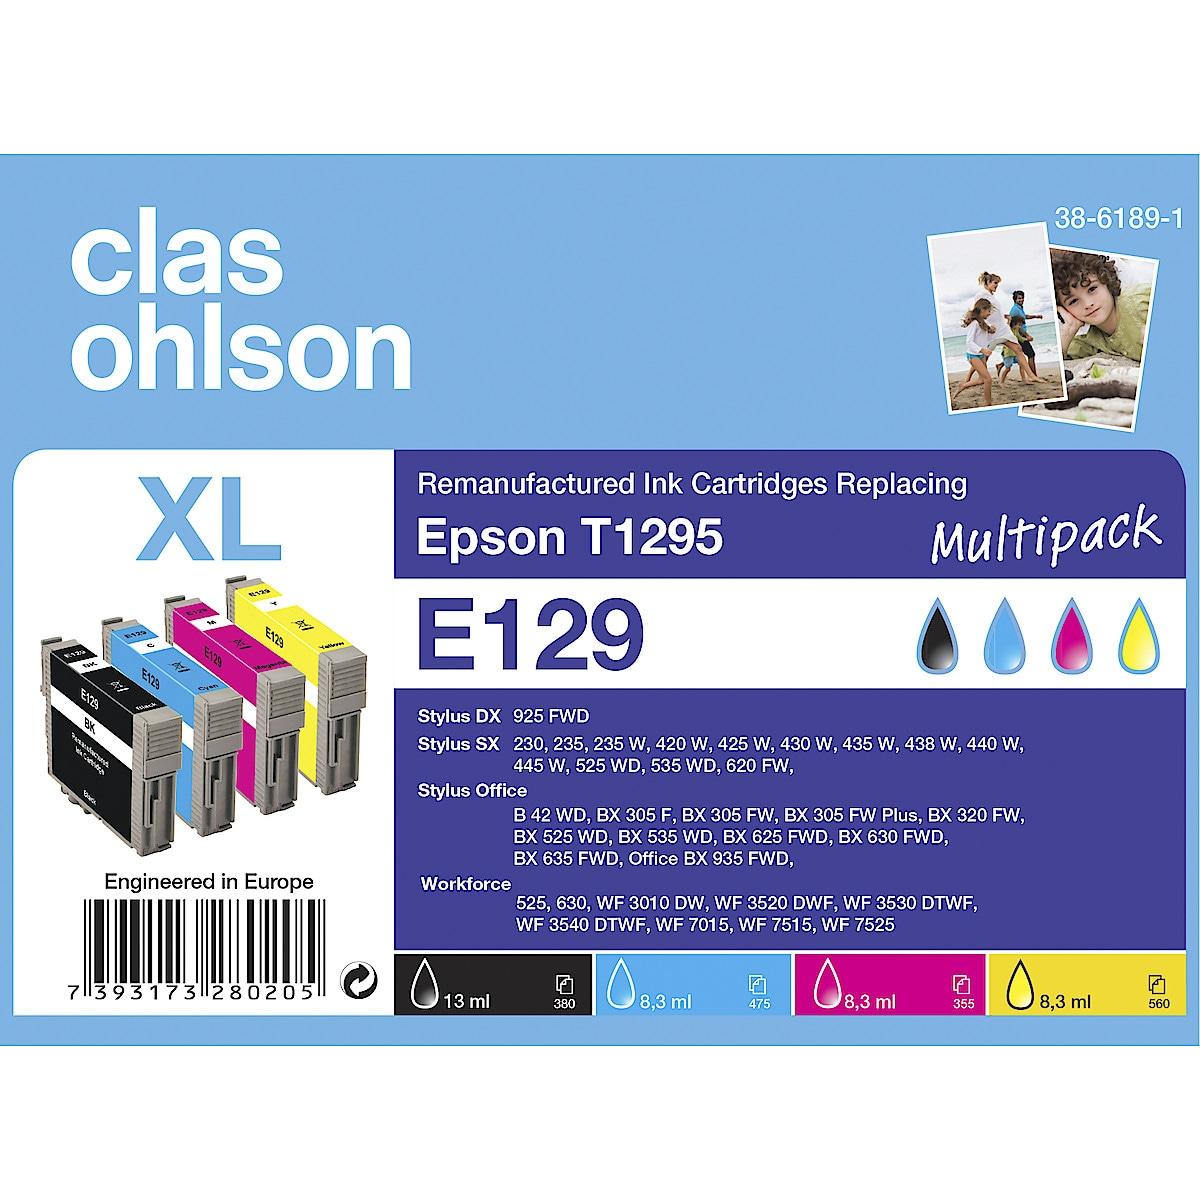 Bläckpatron Epson T1295, Clas Ohlson